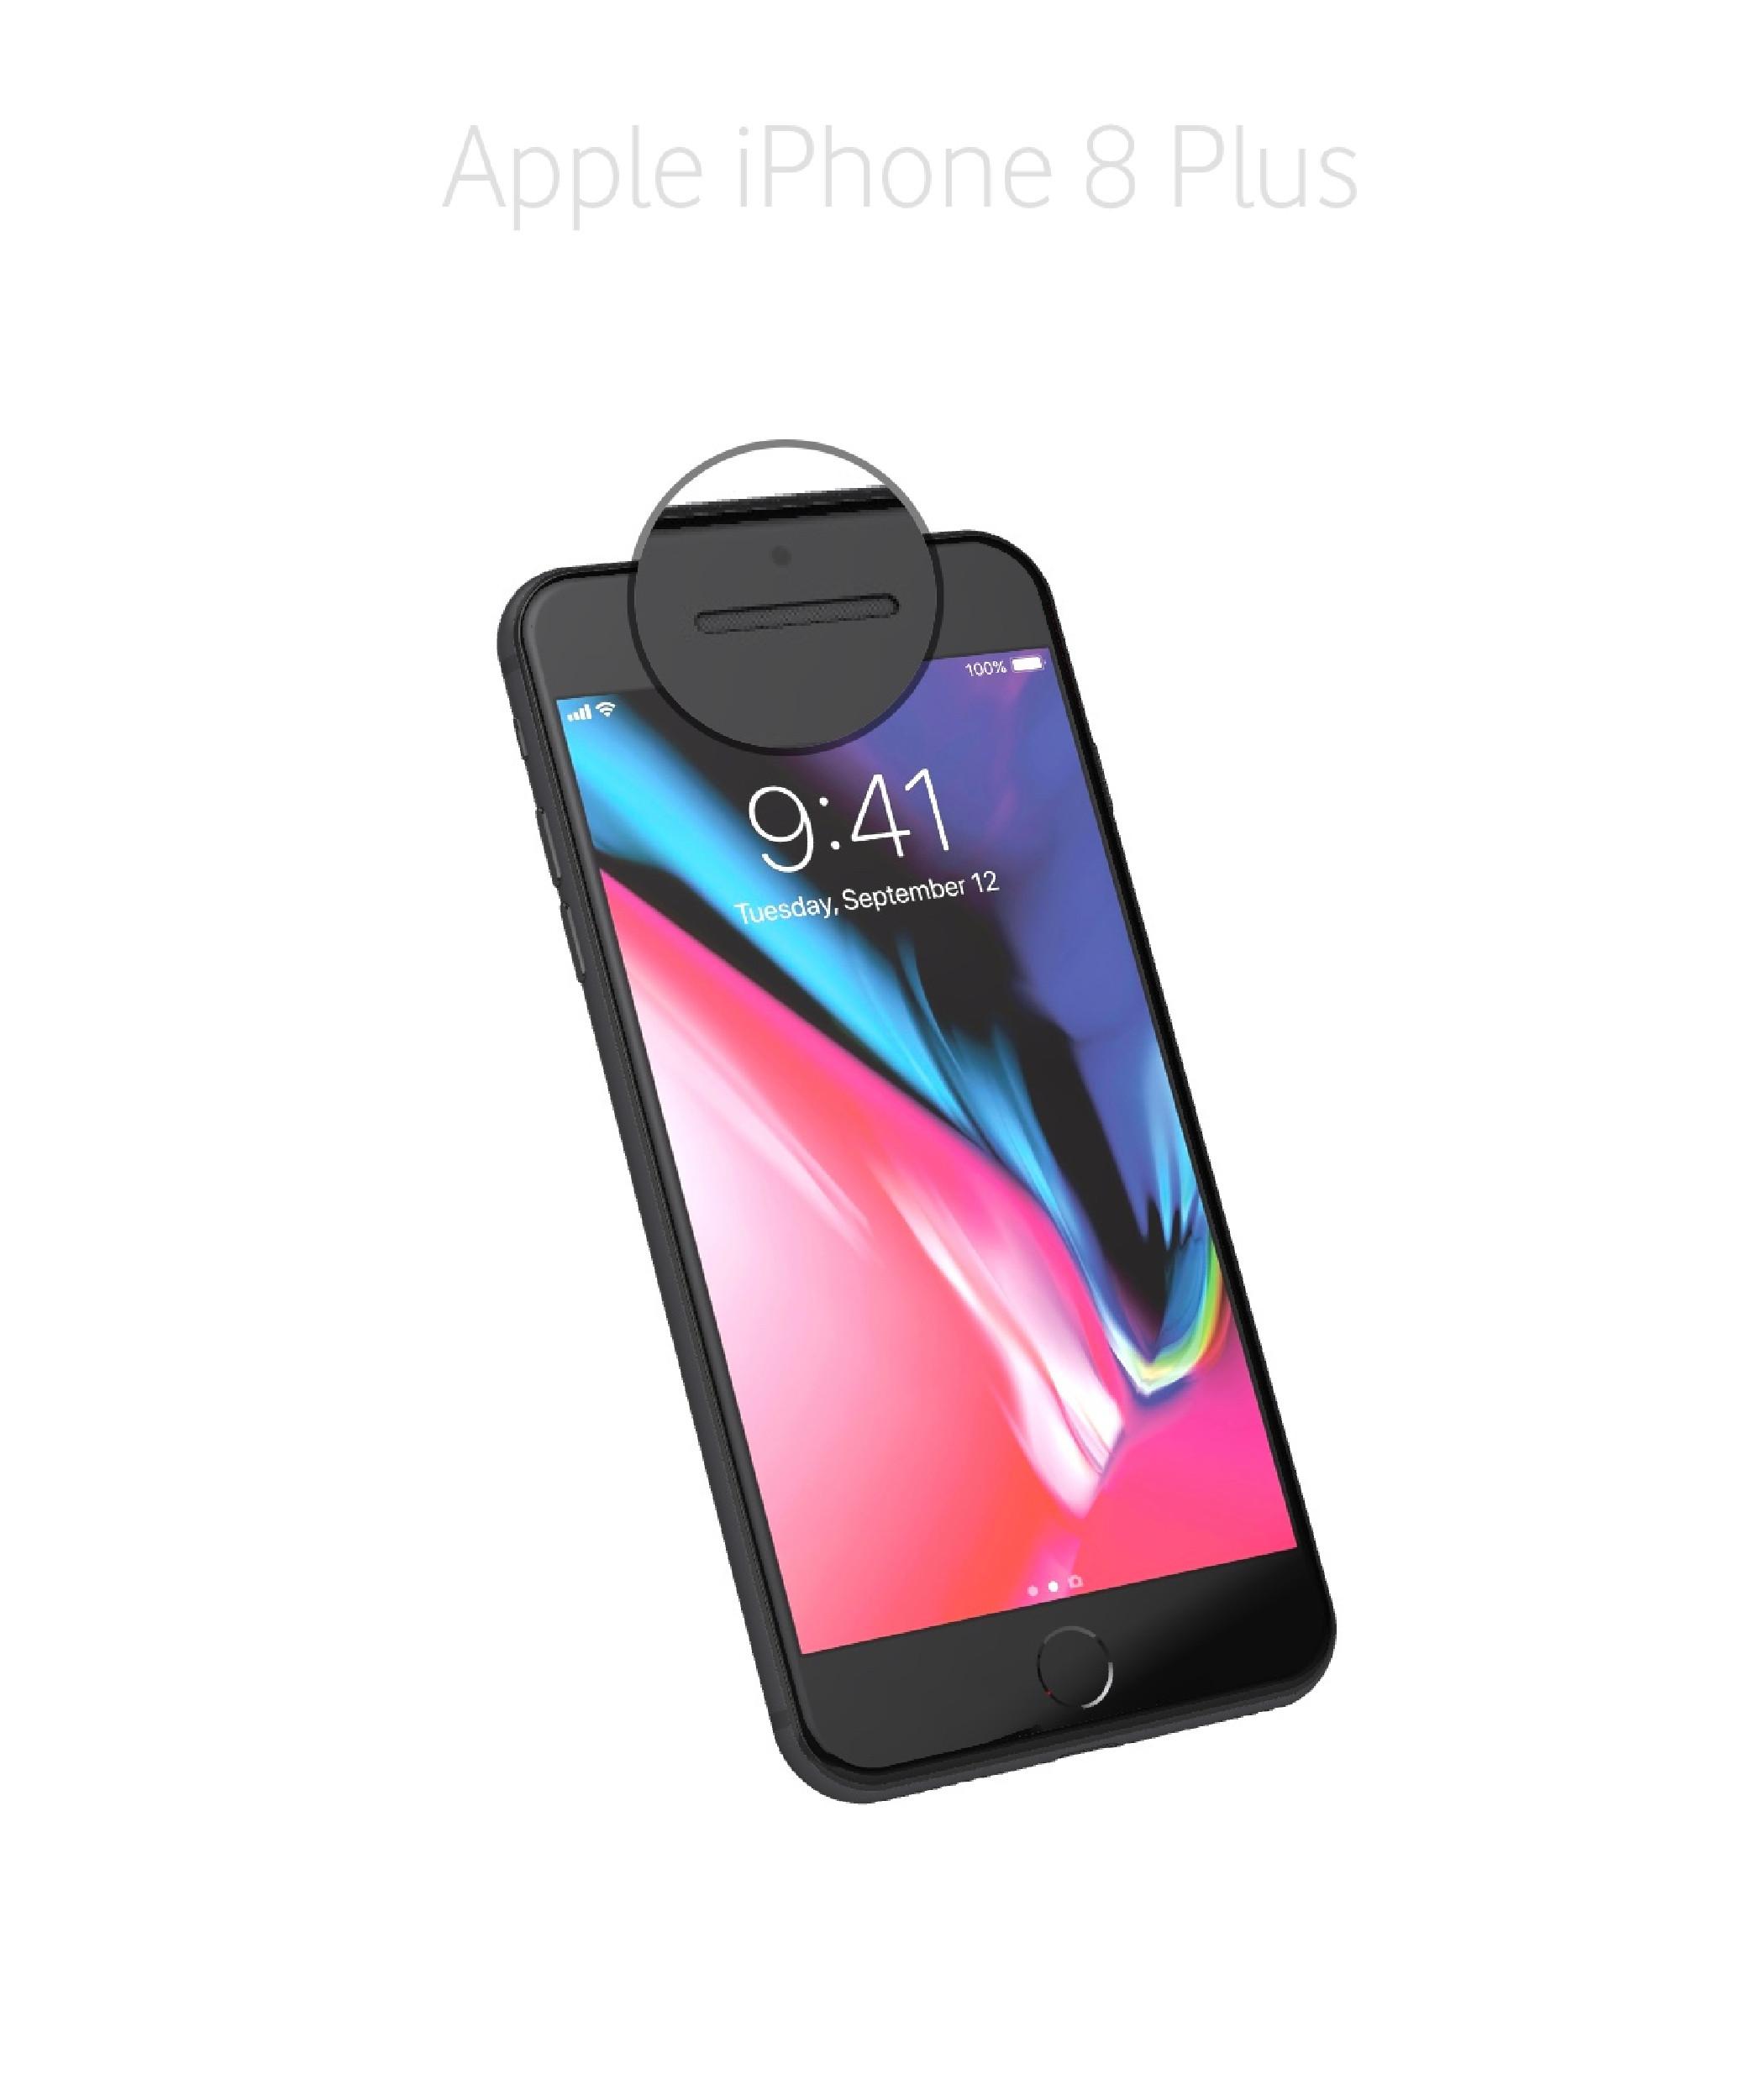 Laga samtalshögtalare iPhone 8 plus